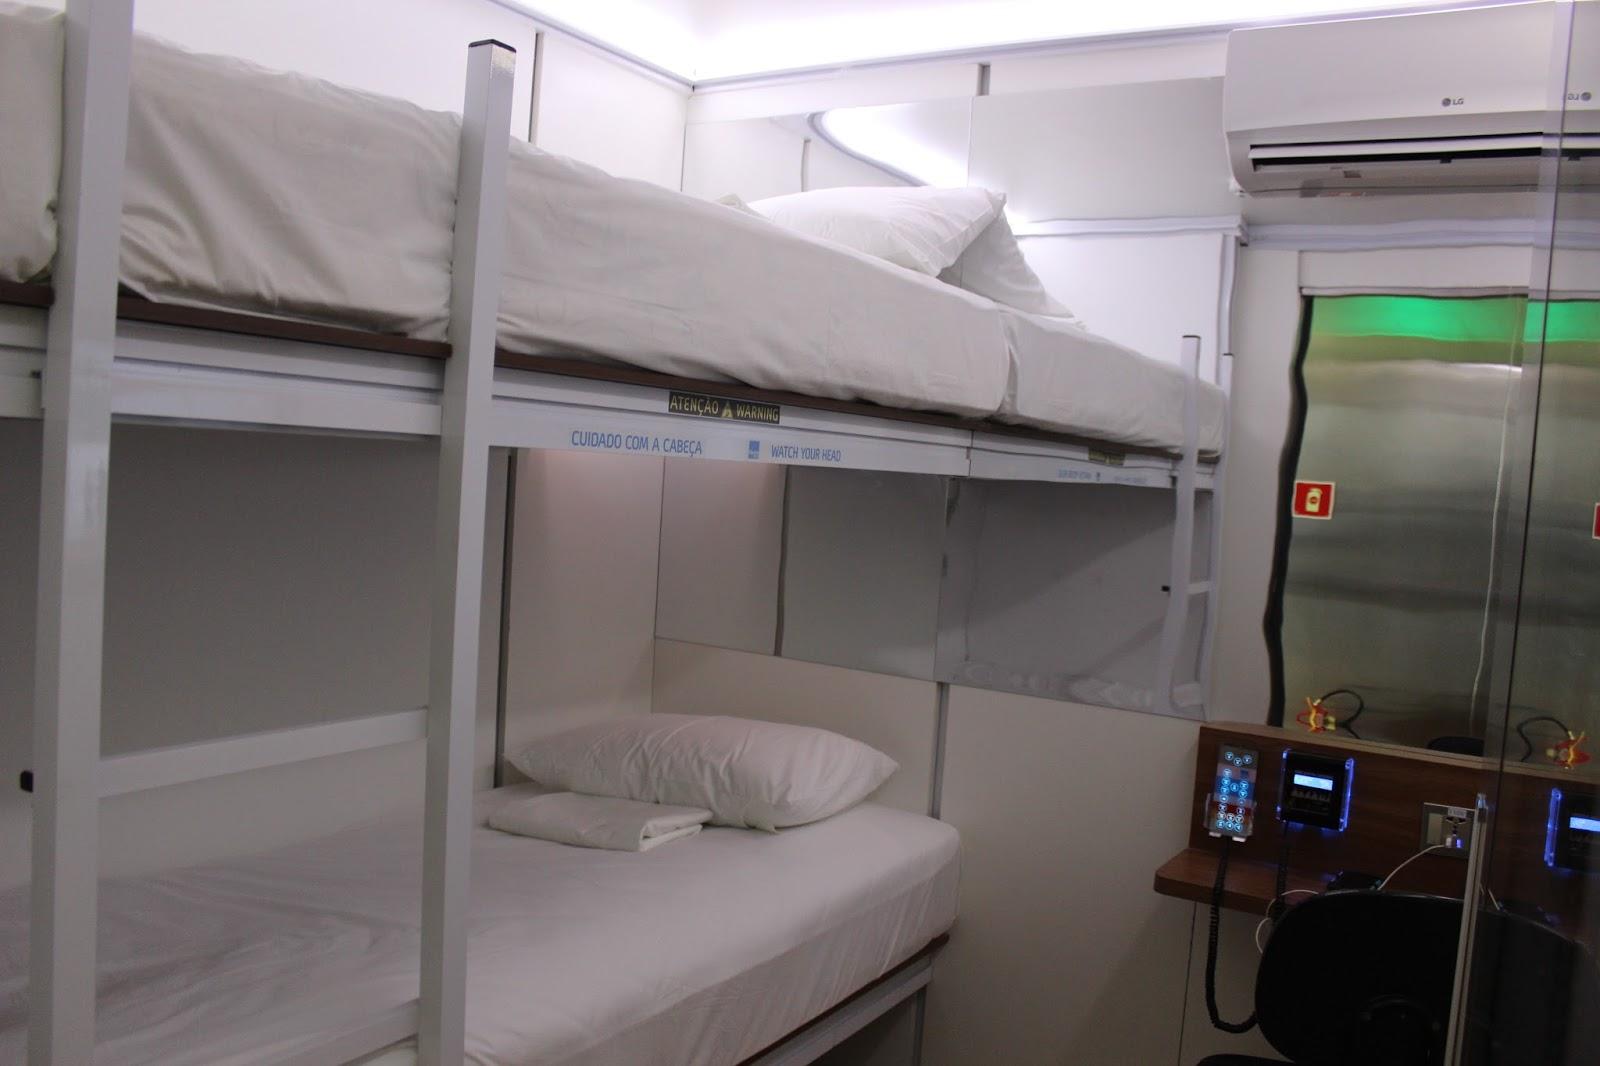 Viracopos inaugura cabines de curta estadia no Terminal de Passageiros (T1)